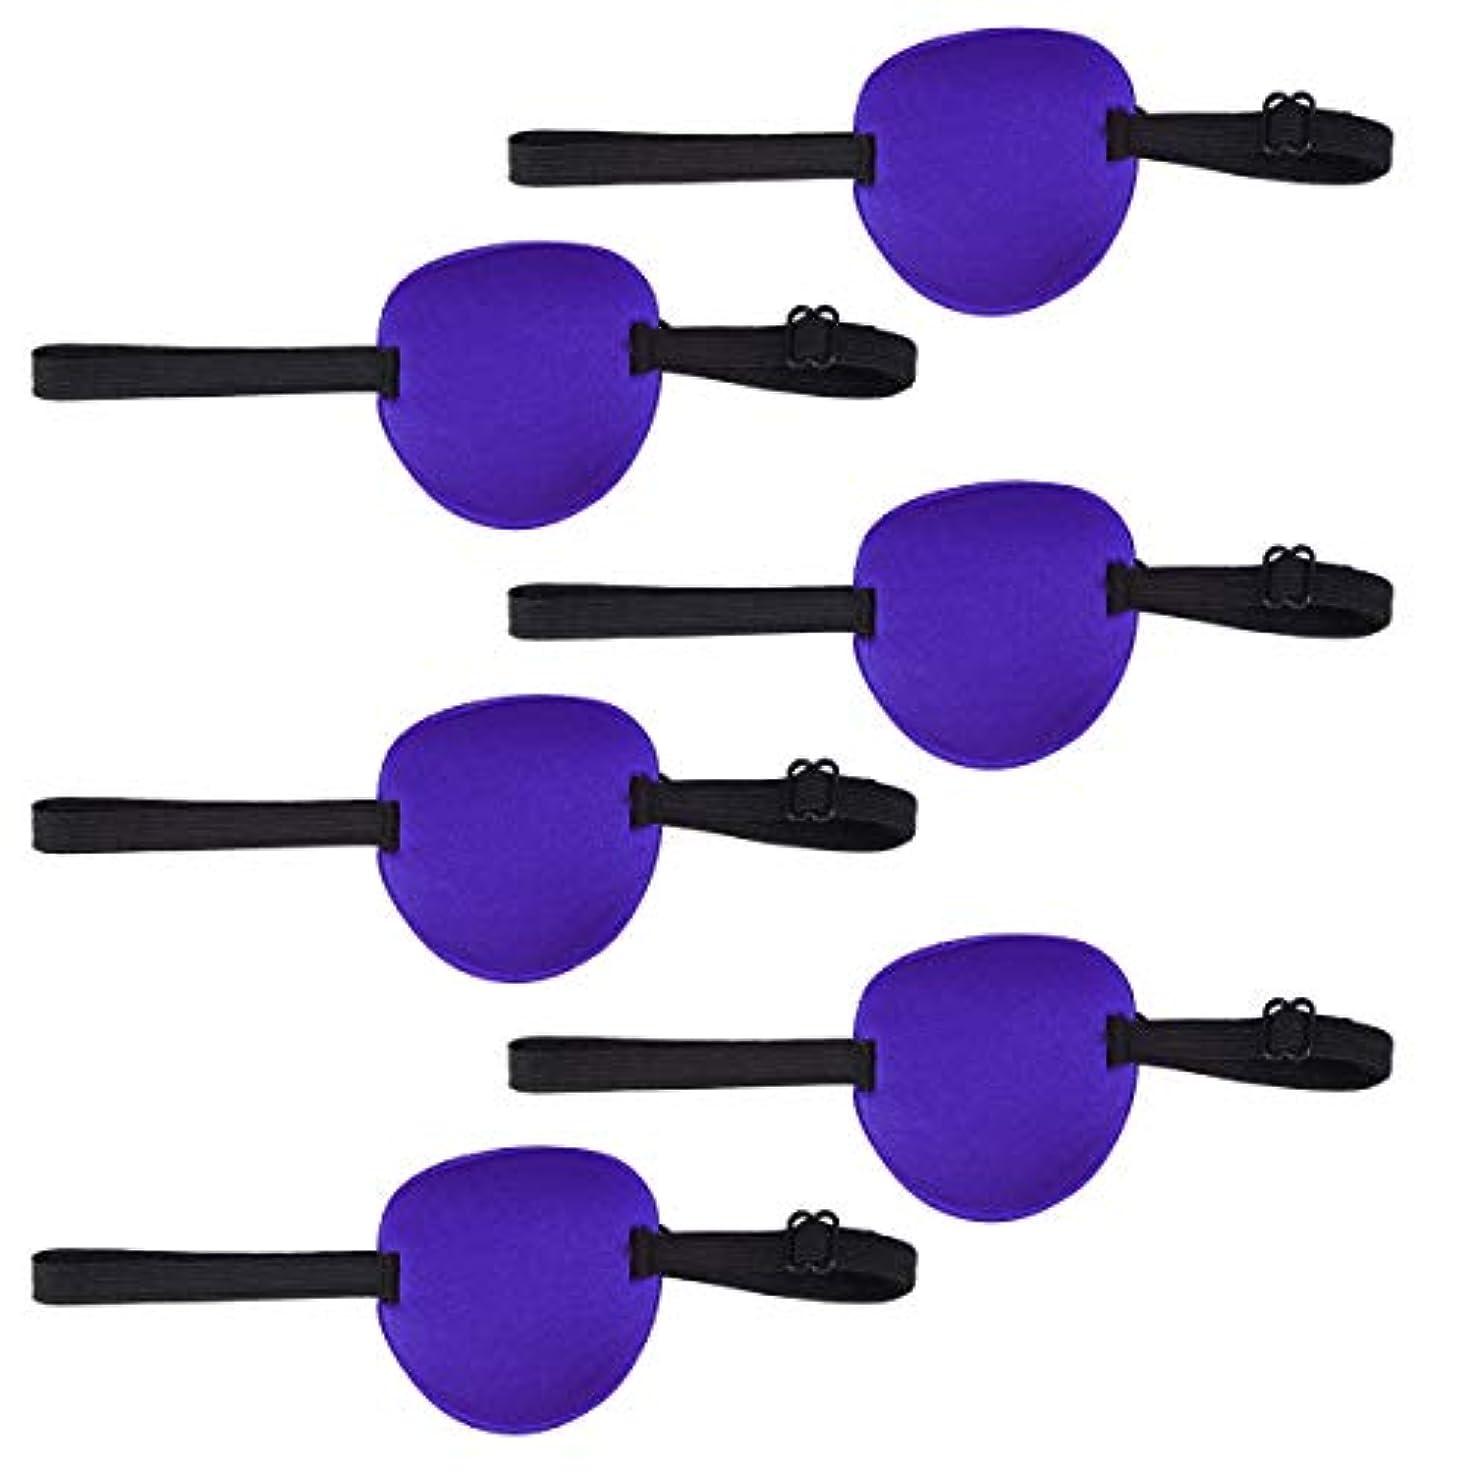 甘味ドライフレアHealifty 弱視の目のパッチ大人と子供のための調節可能な弾性バックル付き6個の片目スポンジアイパッチ(ブルー)